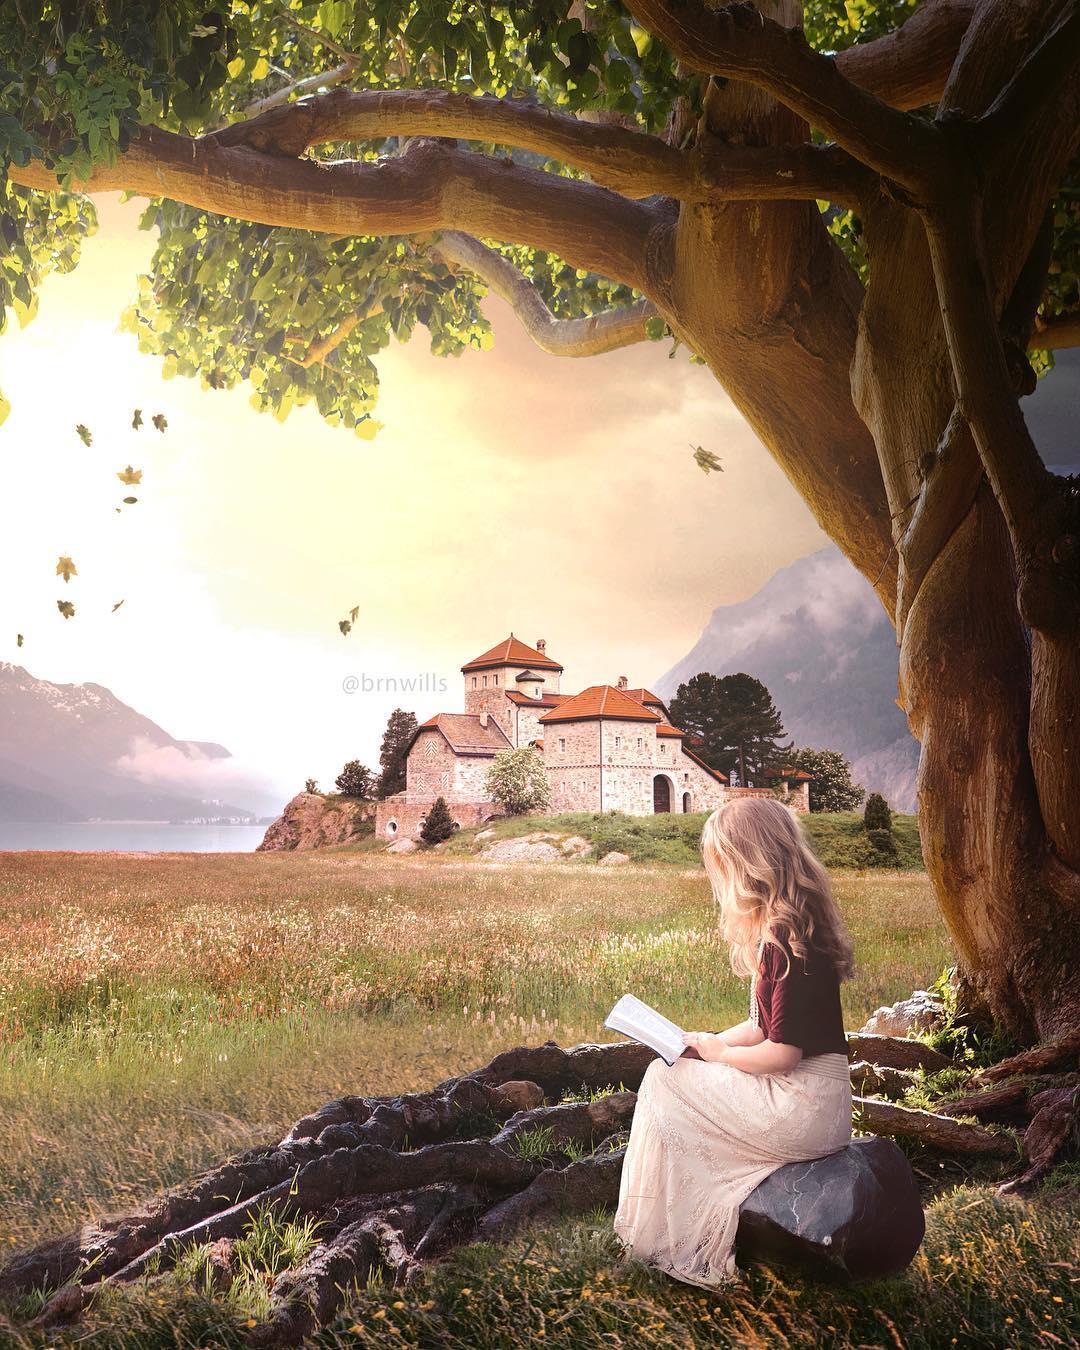 Сказочные пейзажи и приключения от Брендана Уильямса